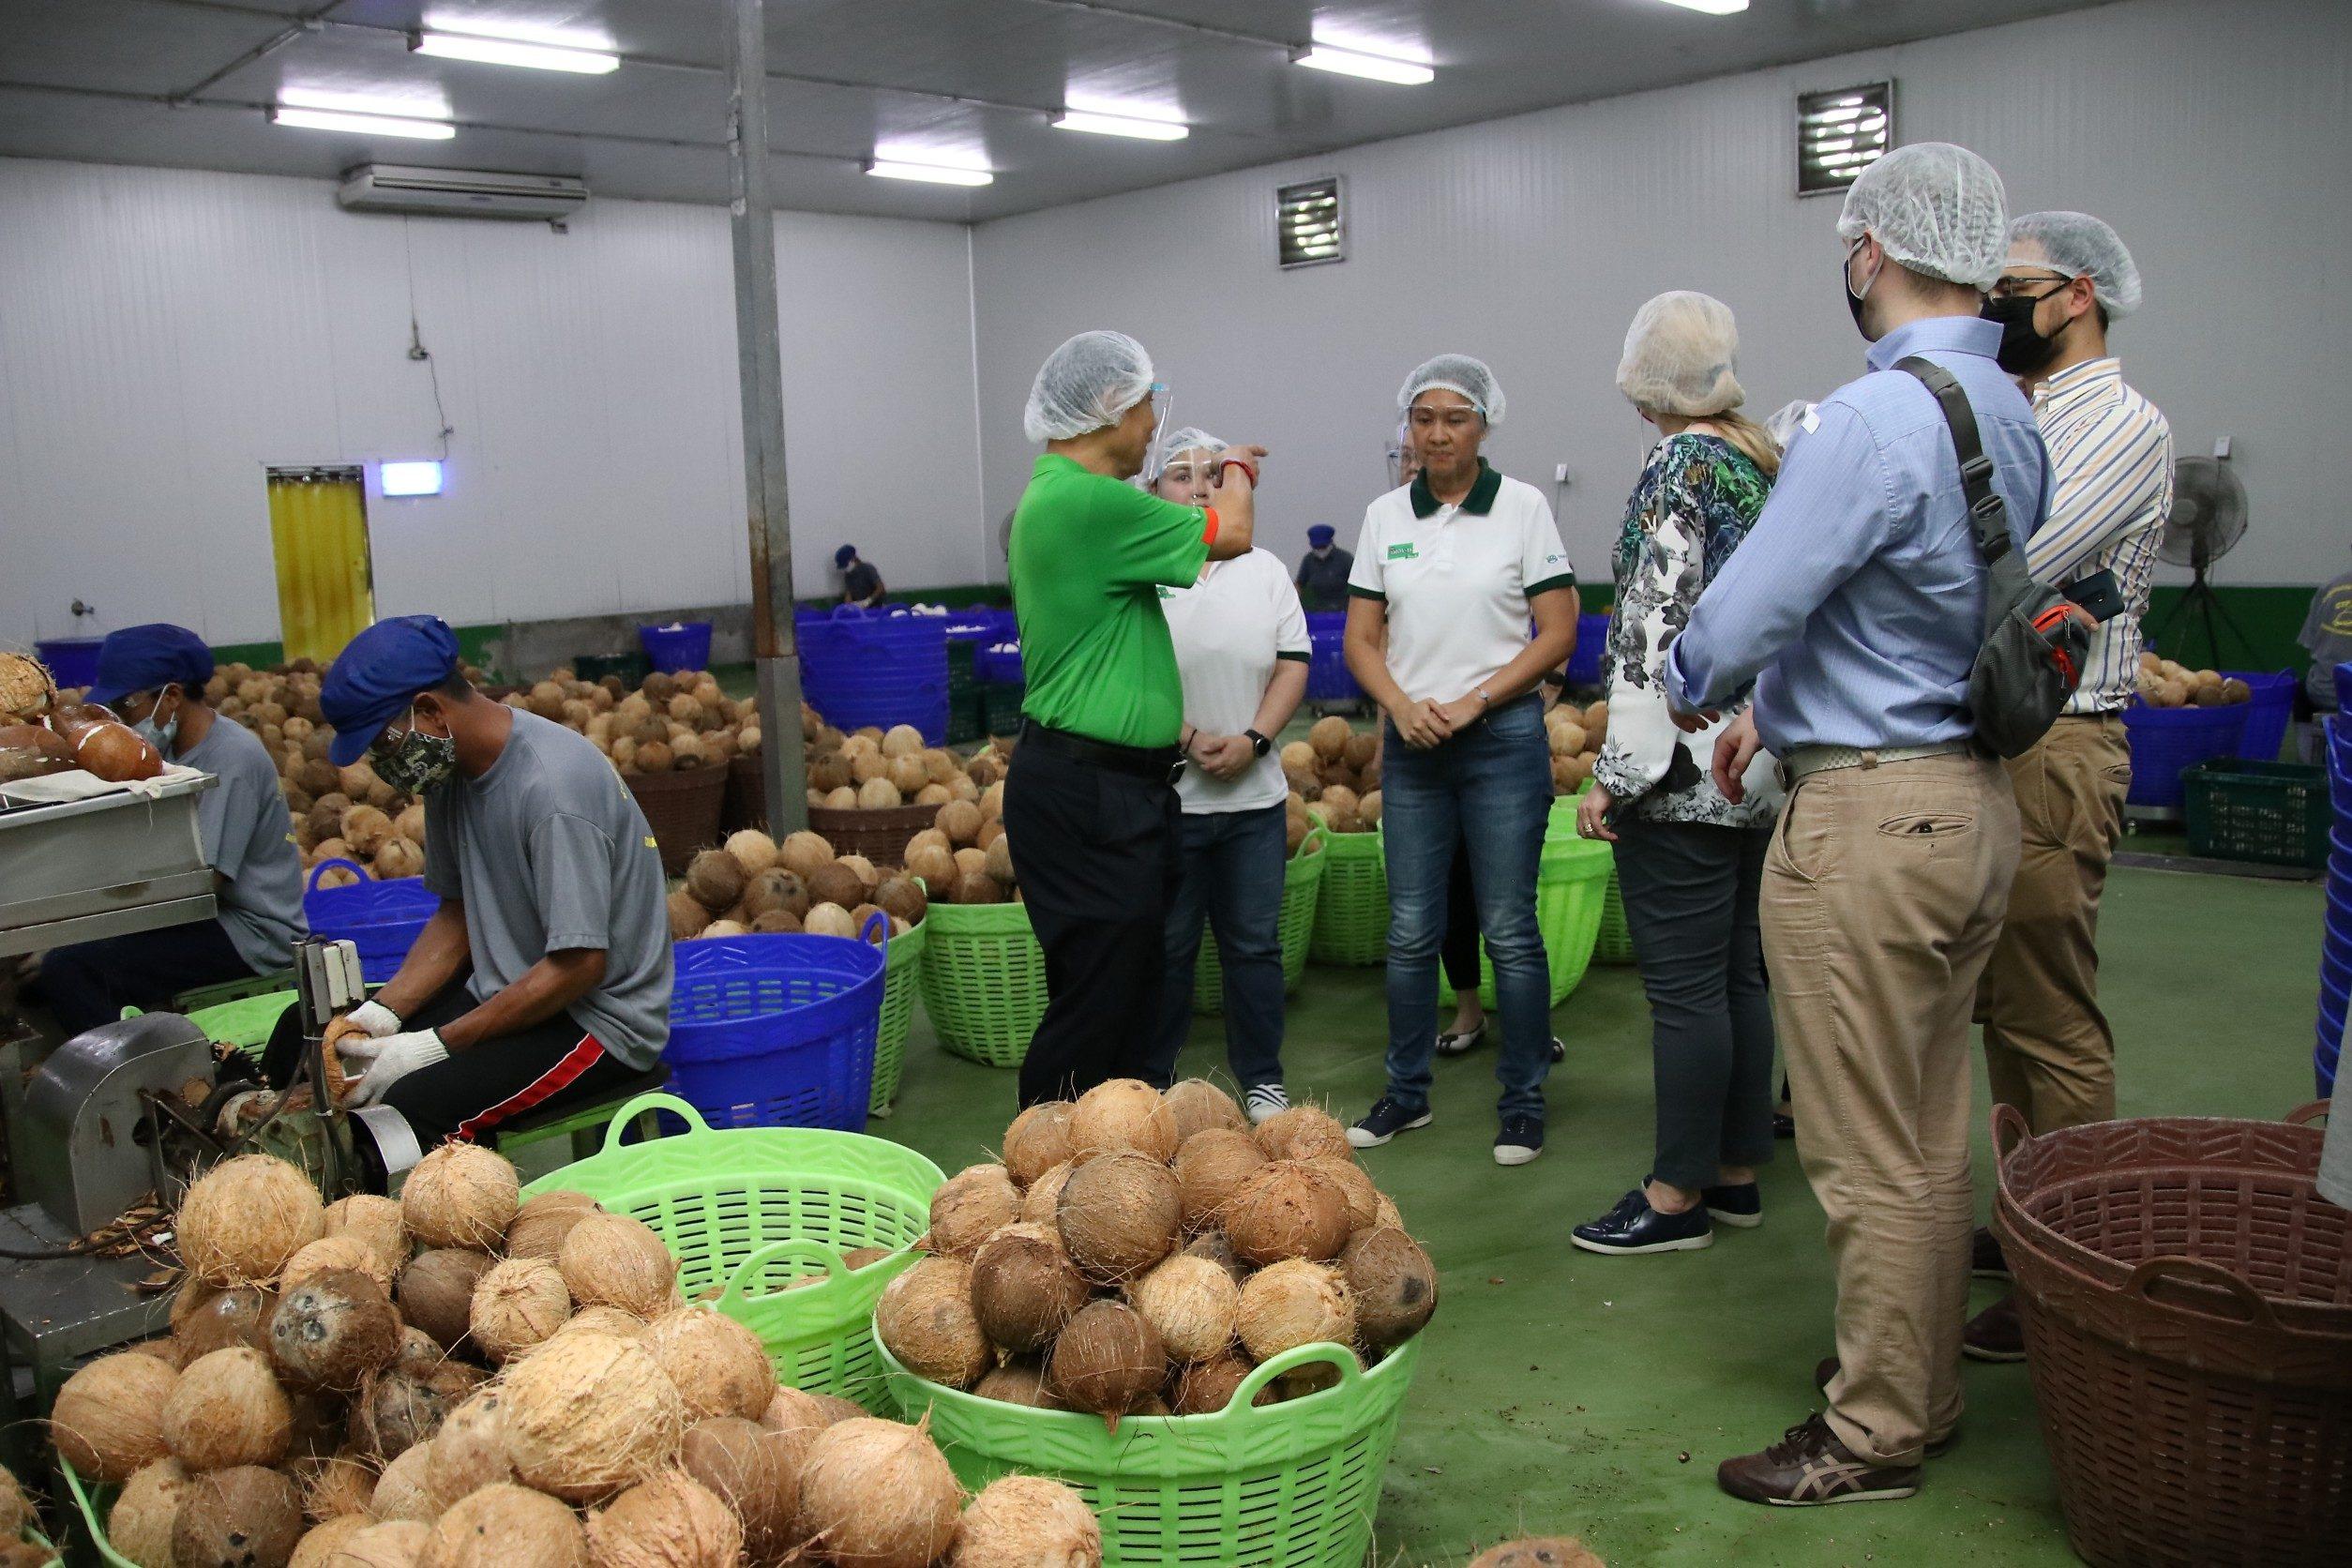 นำคณะทูตลงพื้นที่ สำรวจกระบวนการผลิต อุตสาหกรรมแปรรูปมะพร้าวไทย